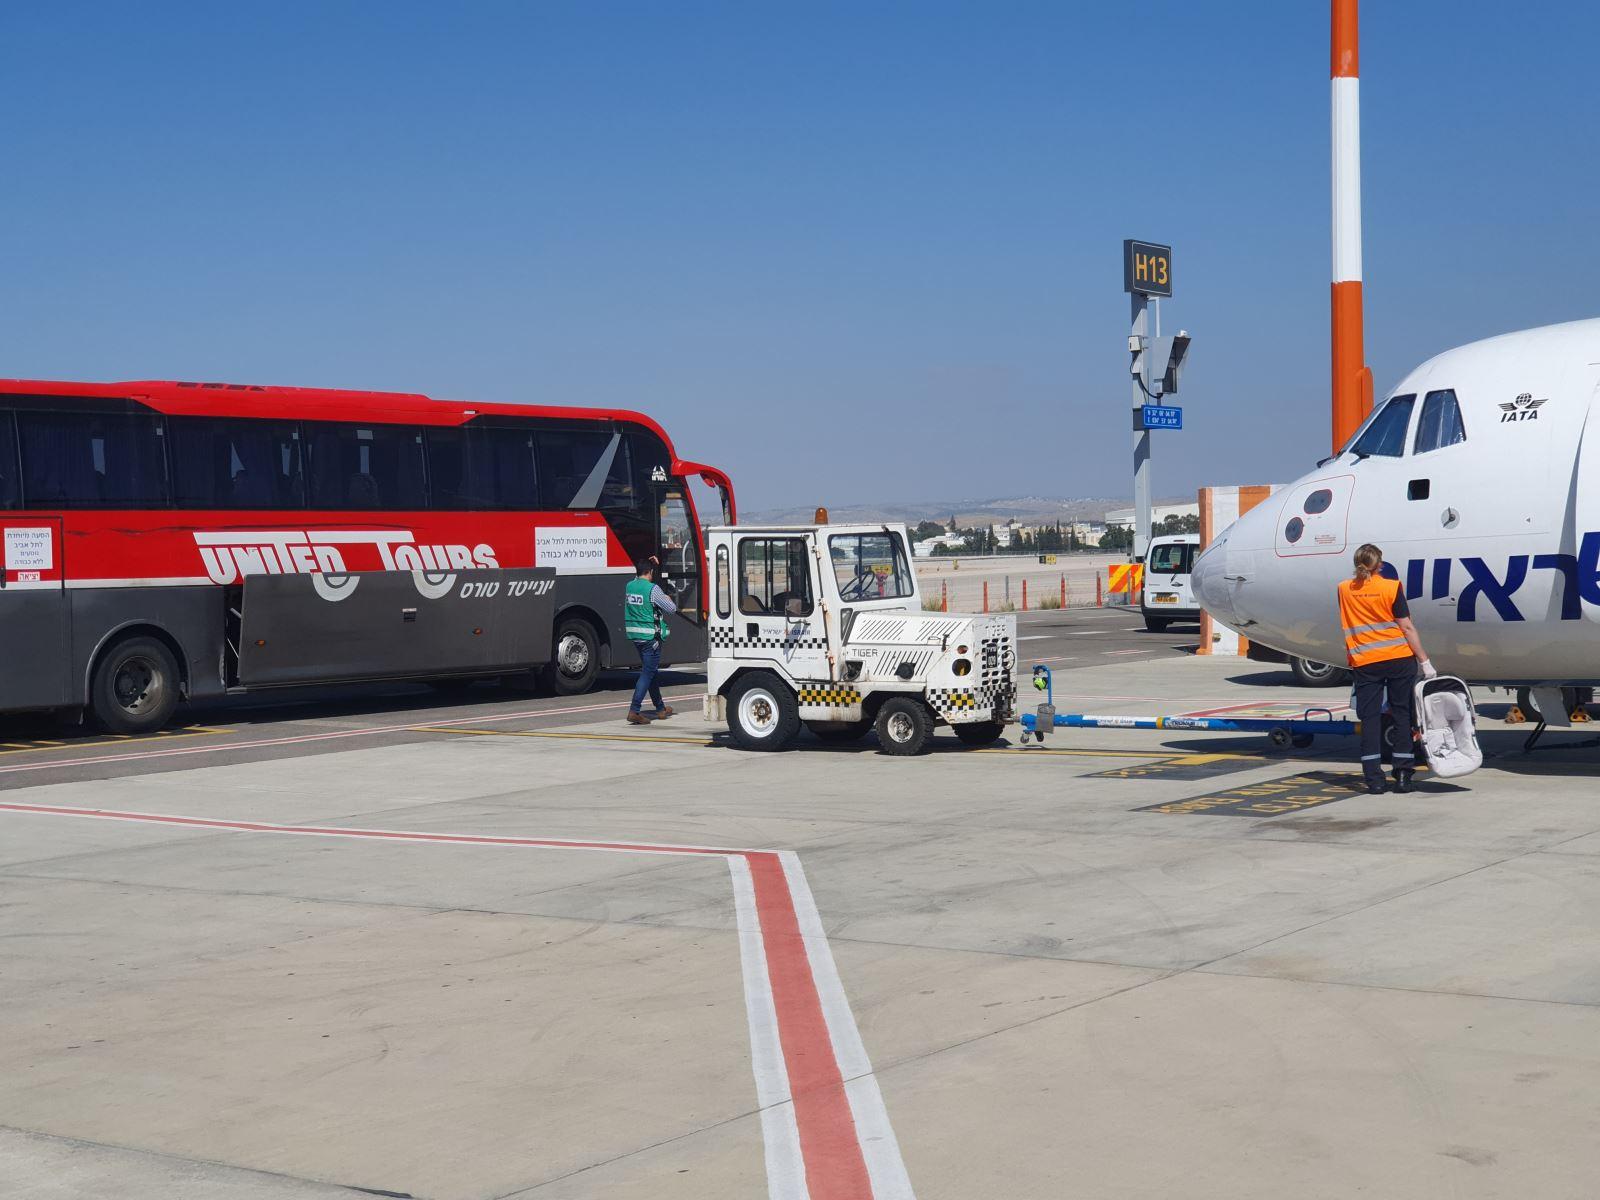 ראש העירייה דורש להשיב את האוטובוס האדום כשירות נדרש לתושבי אילת